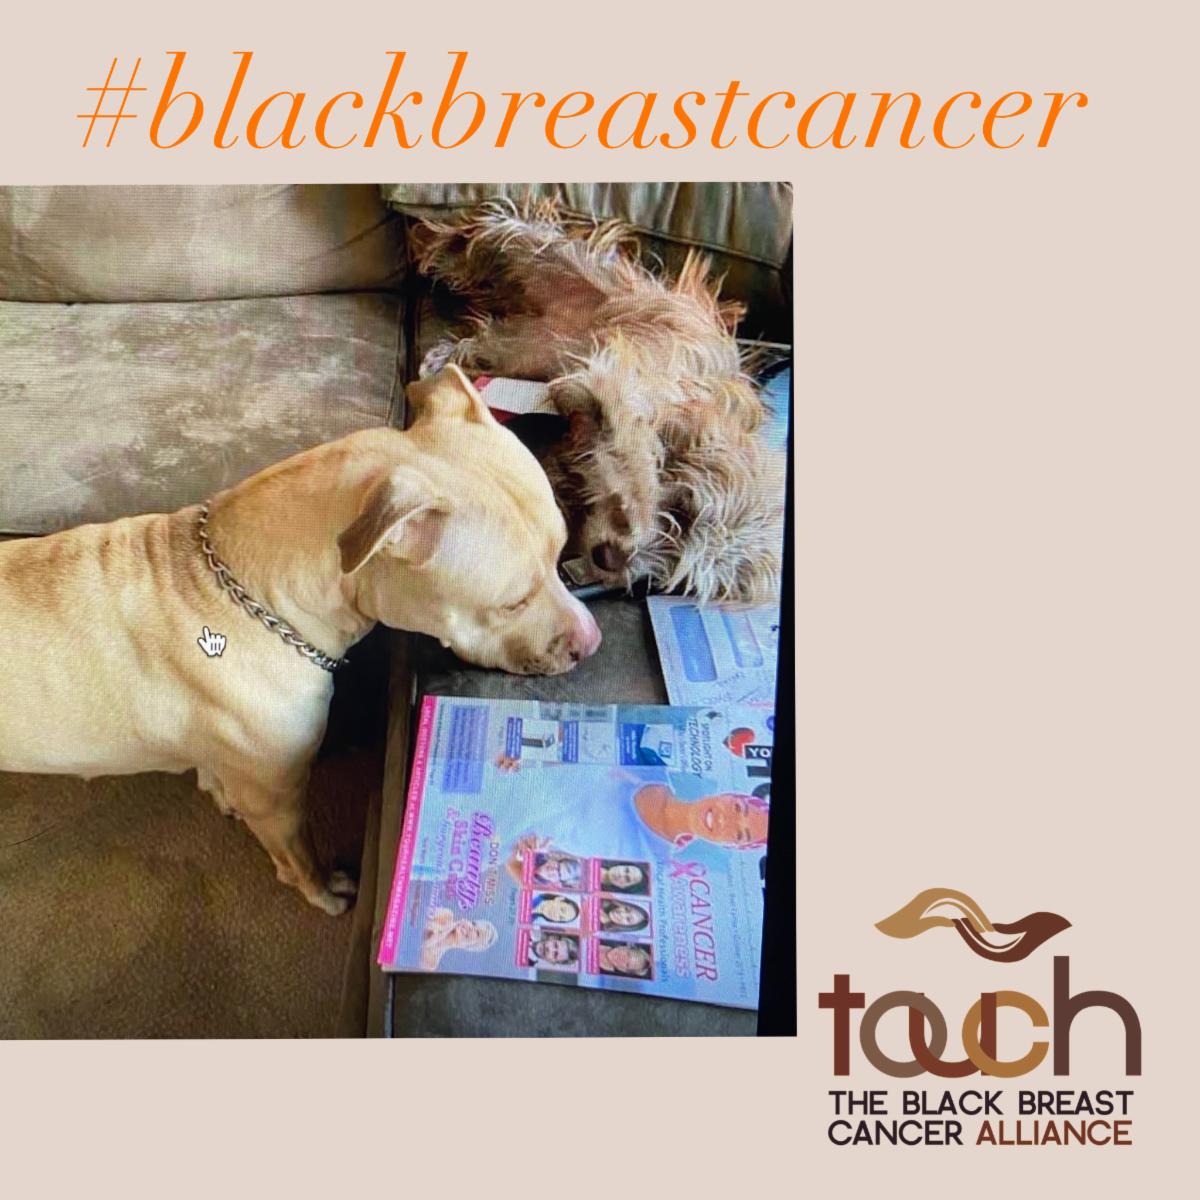 #blackbreastcancer